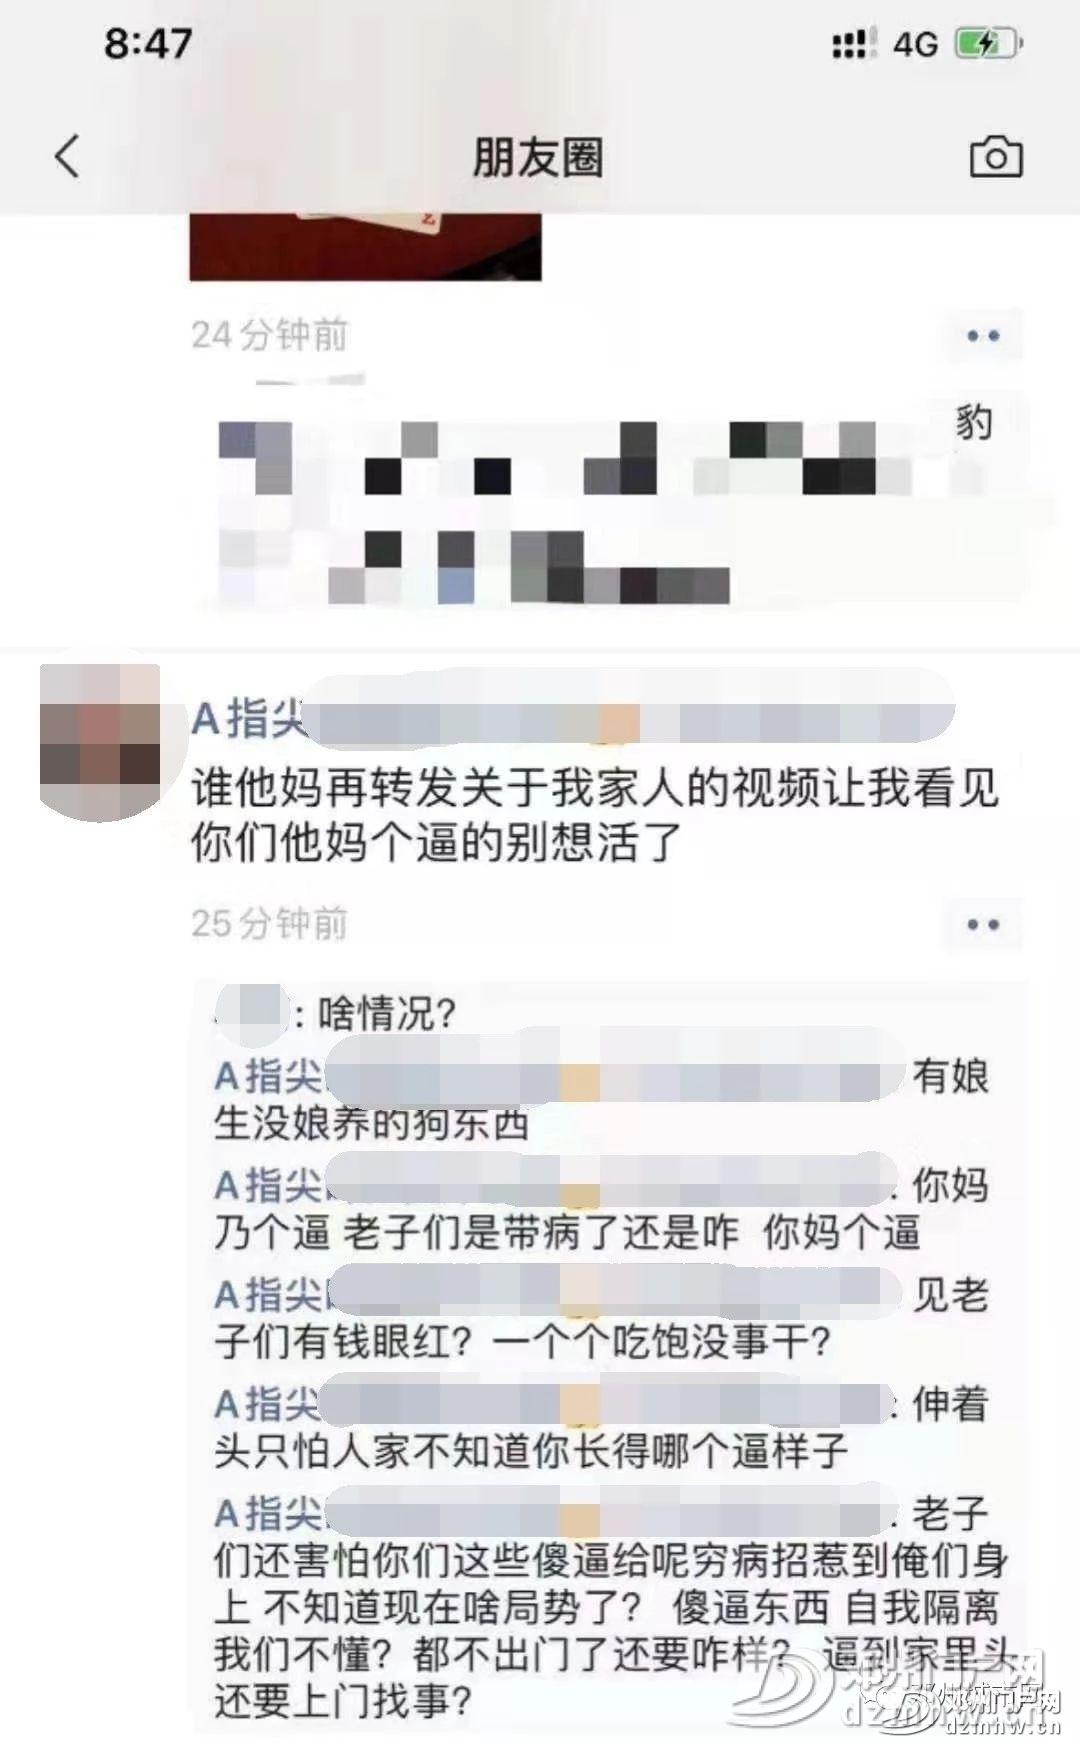 几名武汉回邓州女子在街头走动,不听劝阻还耍横,警方目前已介入处置! - 邓州门户网|邓州网 - 96f1c4ba23ba79cbc3fd0bea177016b5.jpg